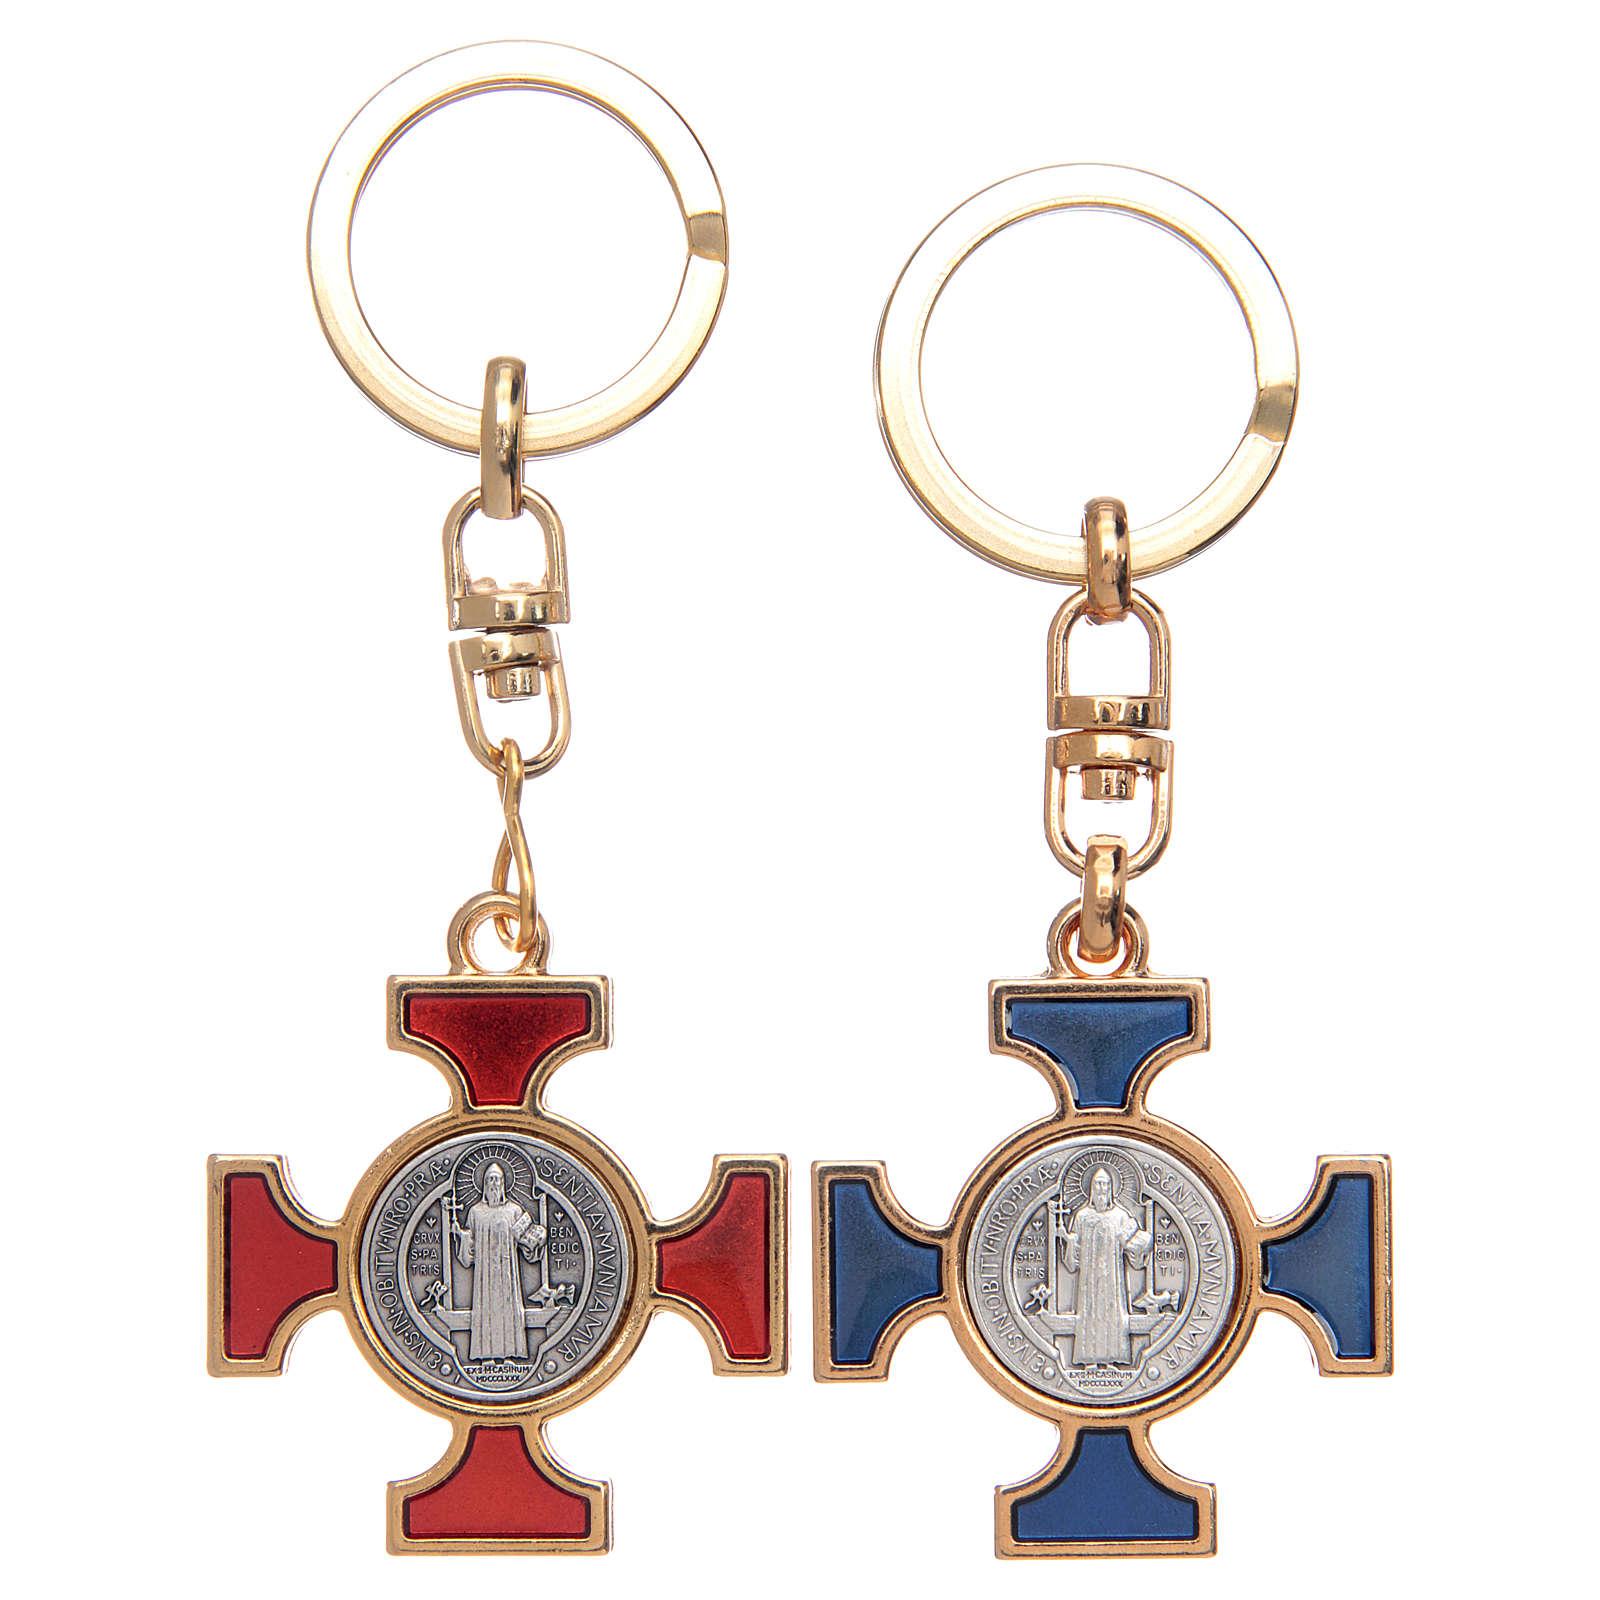 Porte-clé celtique en nickel doré St. Benoît 3